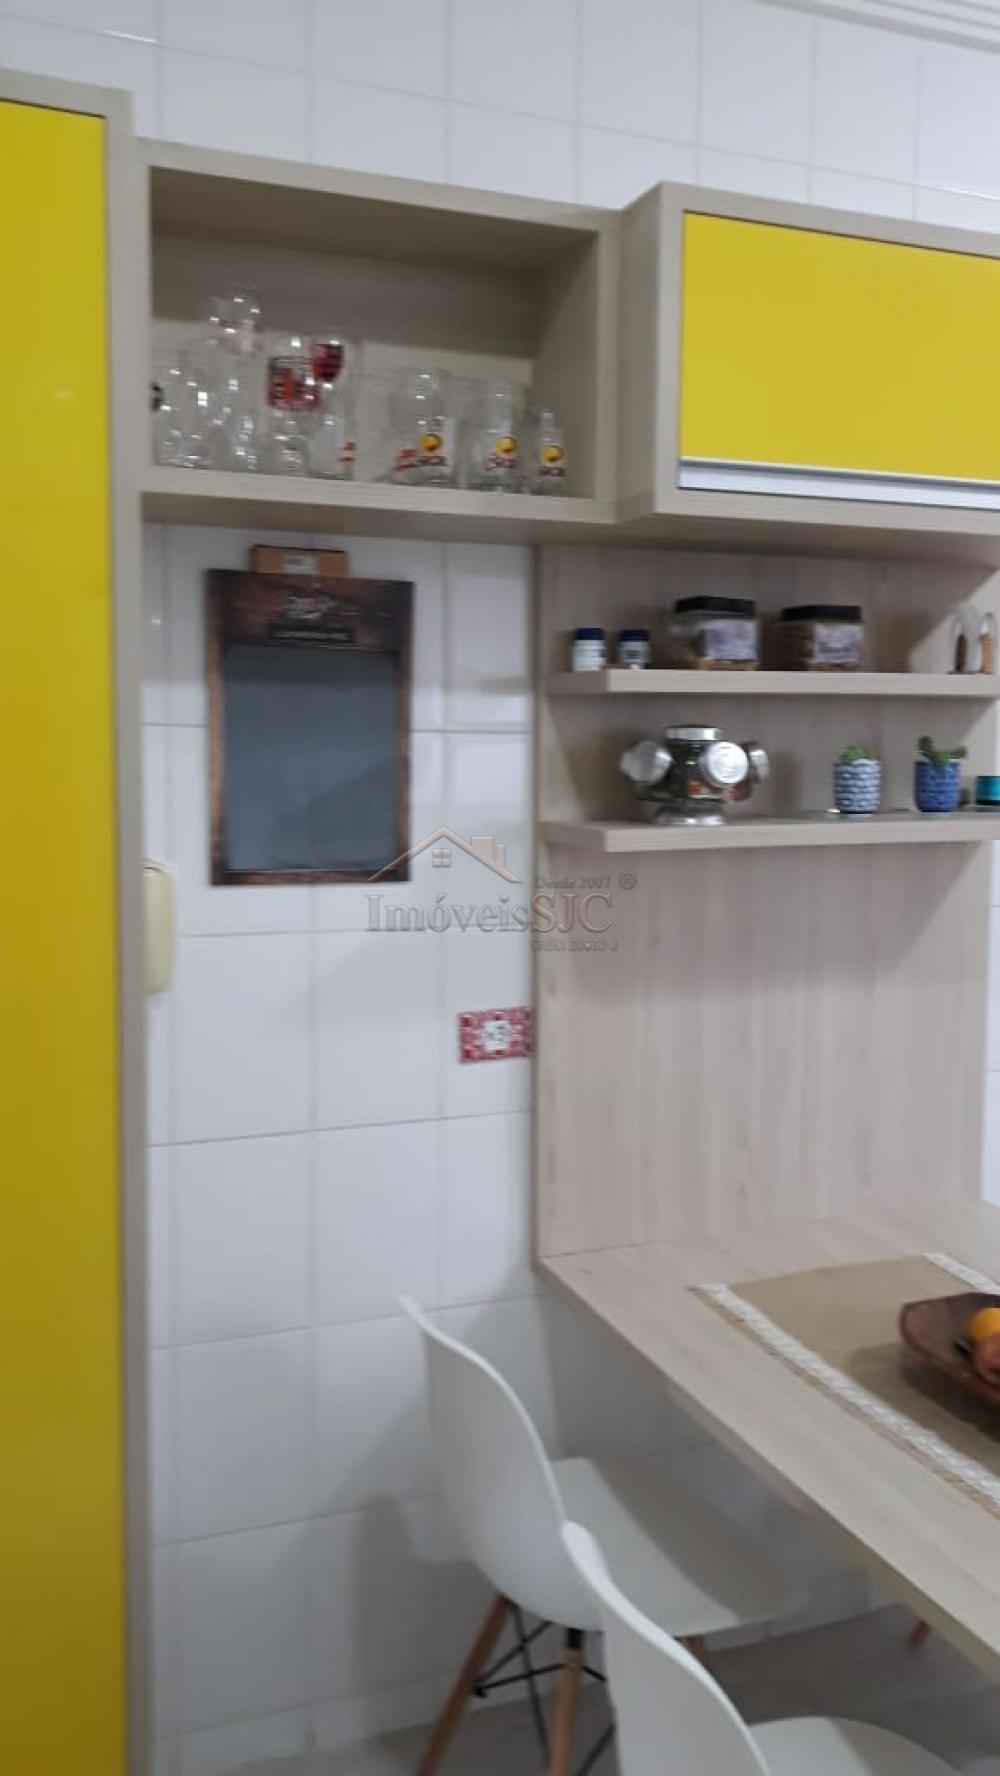 Comprar Apartamentos / Padrão em São José dos Campos apenas R$ 610.000,00 - Foto 11